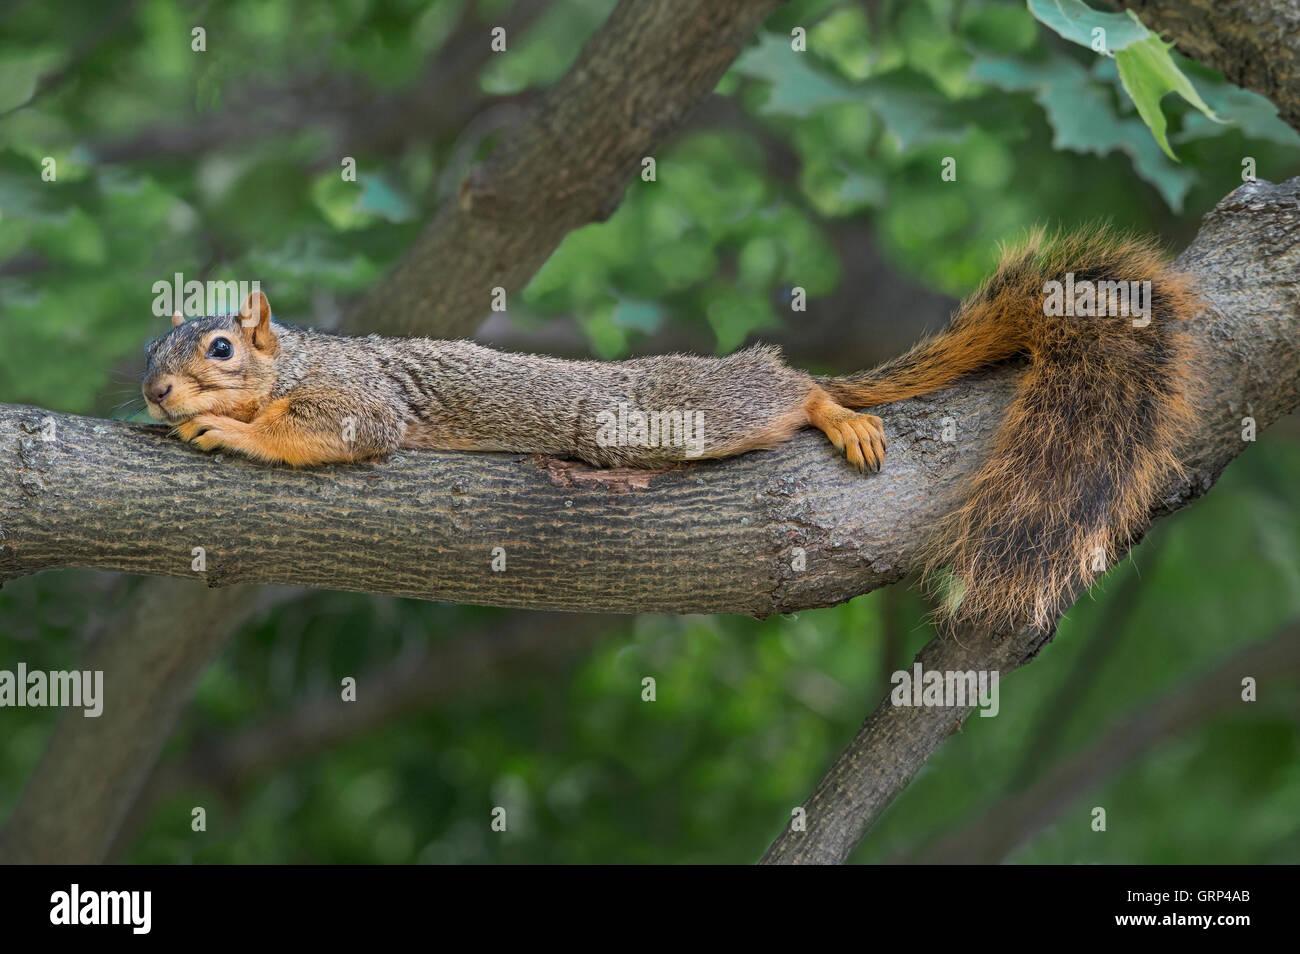 Östlichen Fuchs, Eichhörnchen gestreckt und ruht auf Ast, Sciurus Niger im Osten der USA Stockbild